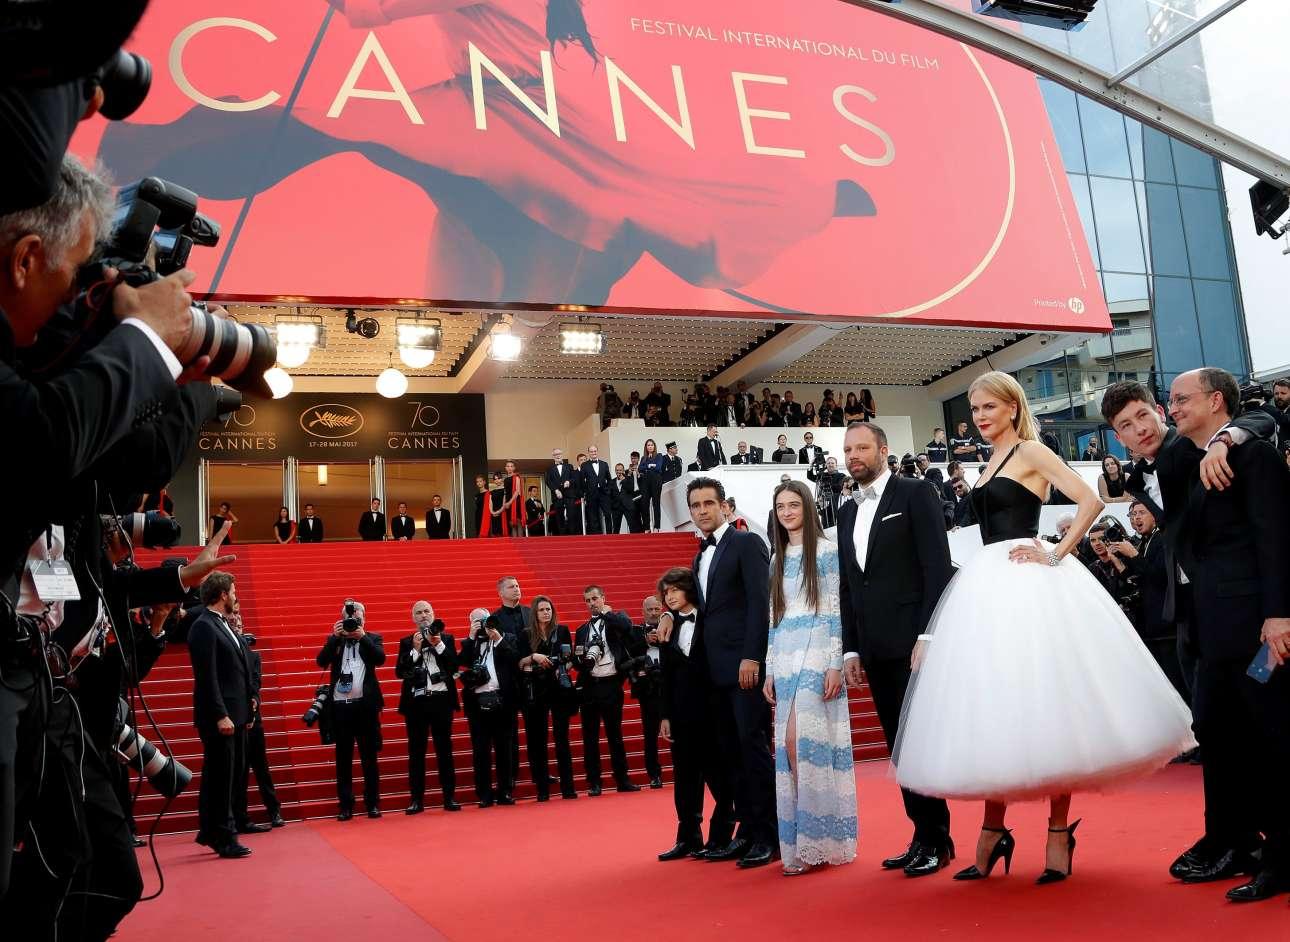 Ο μικρός Σάνι Σούλιτς στην αγκαλιά του Κόλιν Φάρελ, η Ράφεϊ Κάσιντι, ο Γιώργος Λάνθιμος, η Νικόλ Κίντμαν, ο Μπάρι Κόγκαν και ο παραγωγός Εντ Γκίνεϊ λίγο πριν από την πρεμιέρα